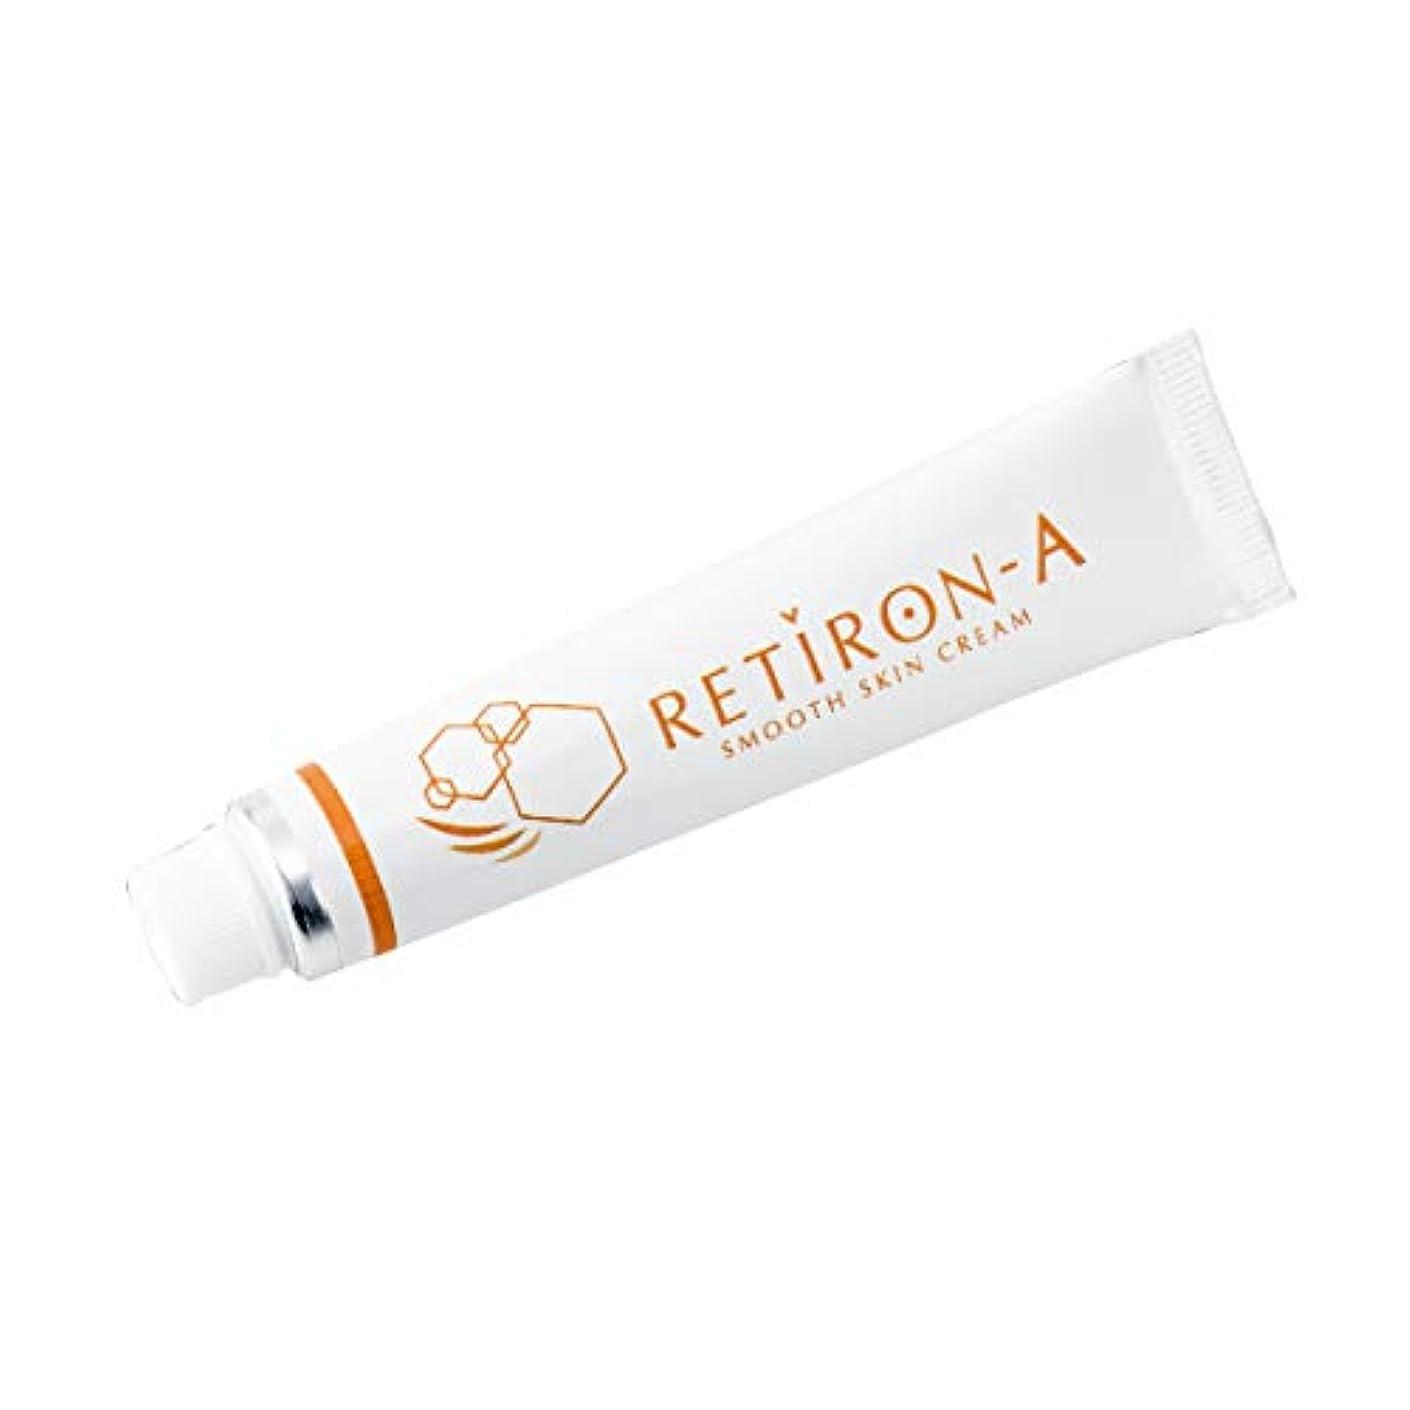 独立満員遊びますクリーム 化粧品 レチノール配合 レチロンA パラベンフリー